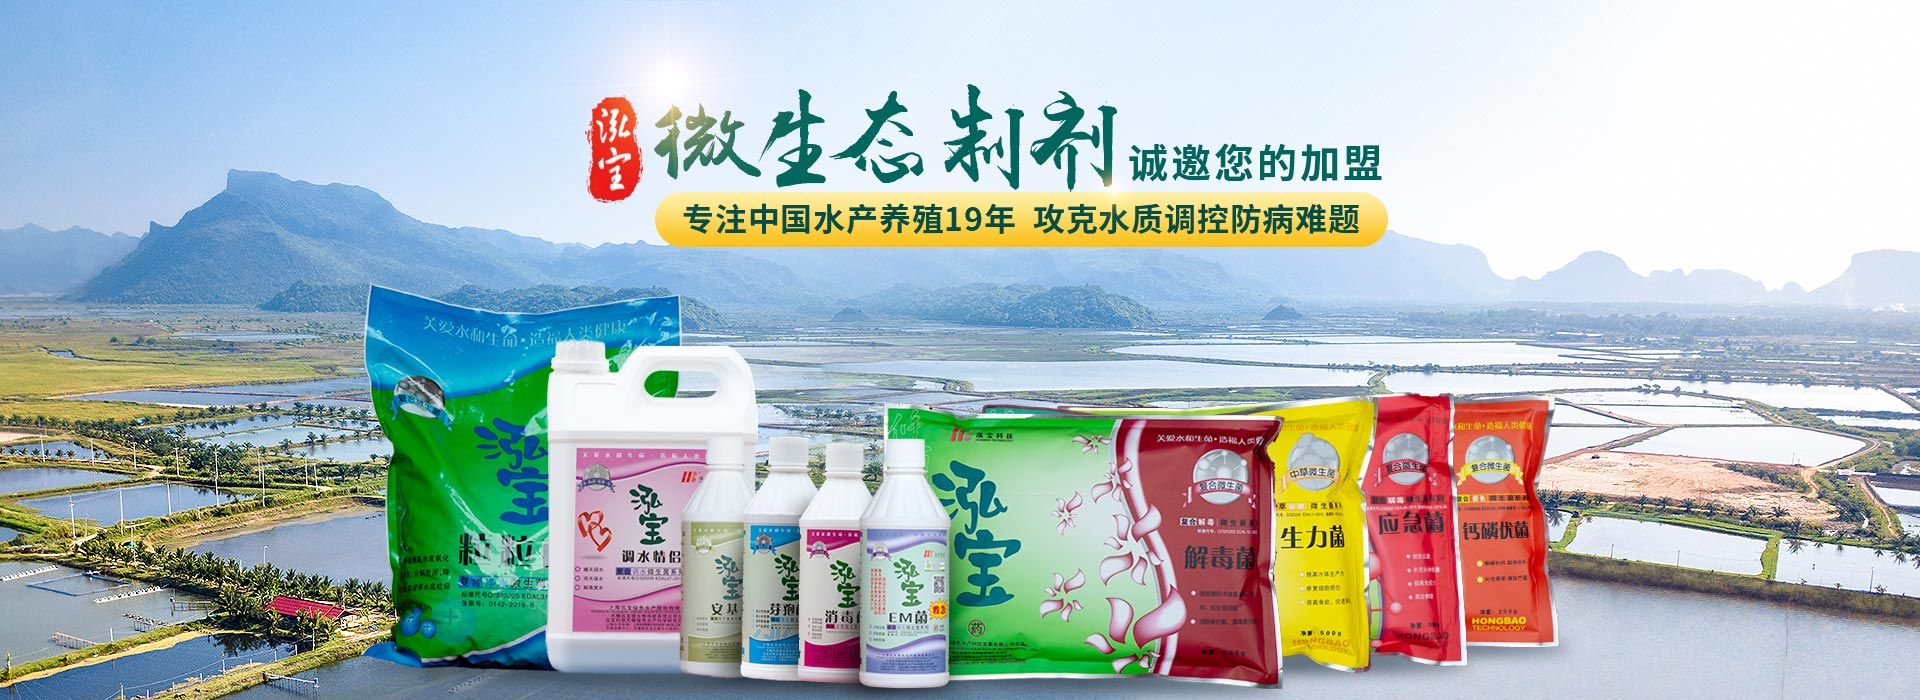 泓宝微生态制剂 · 诚邀您加盟,专注中国水产养殖19年·攻克水产养殖病害难题